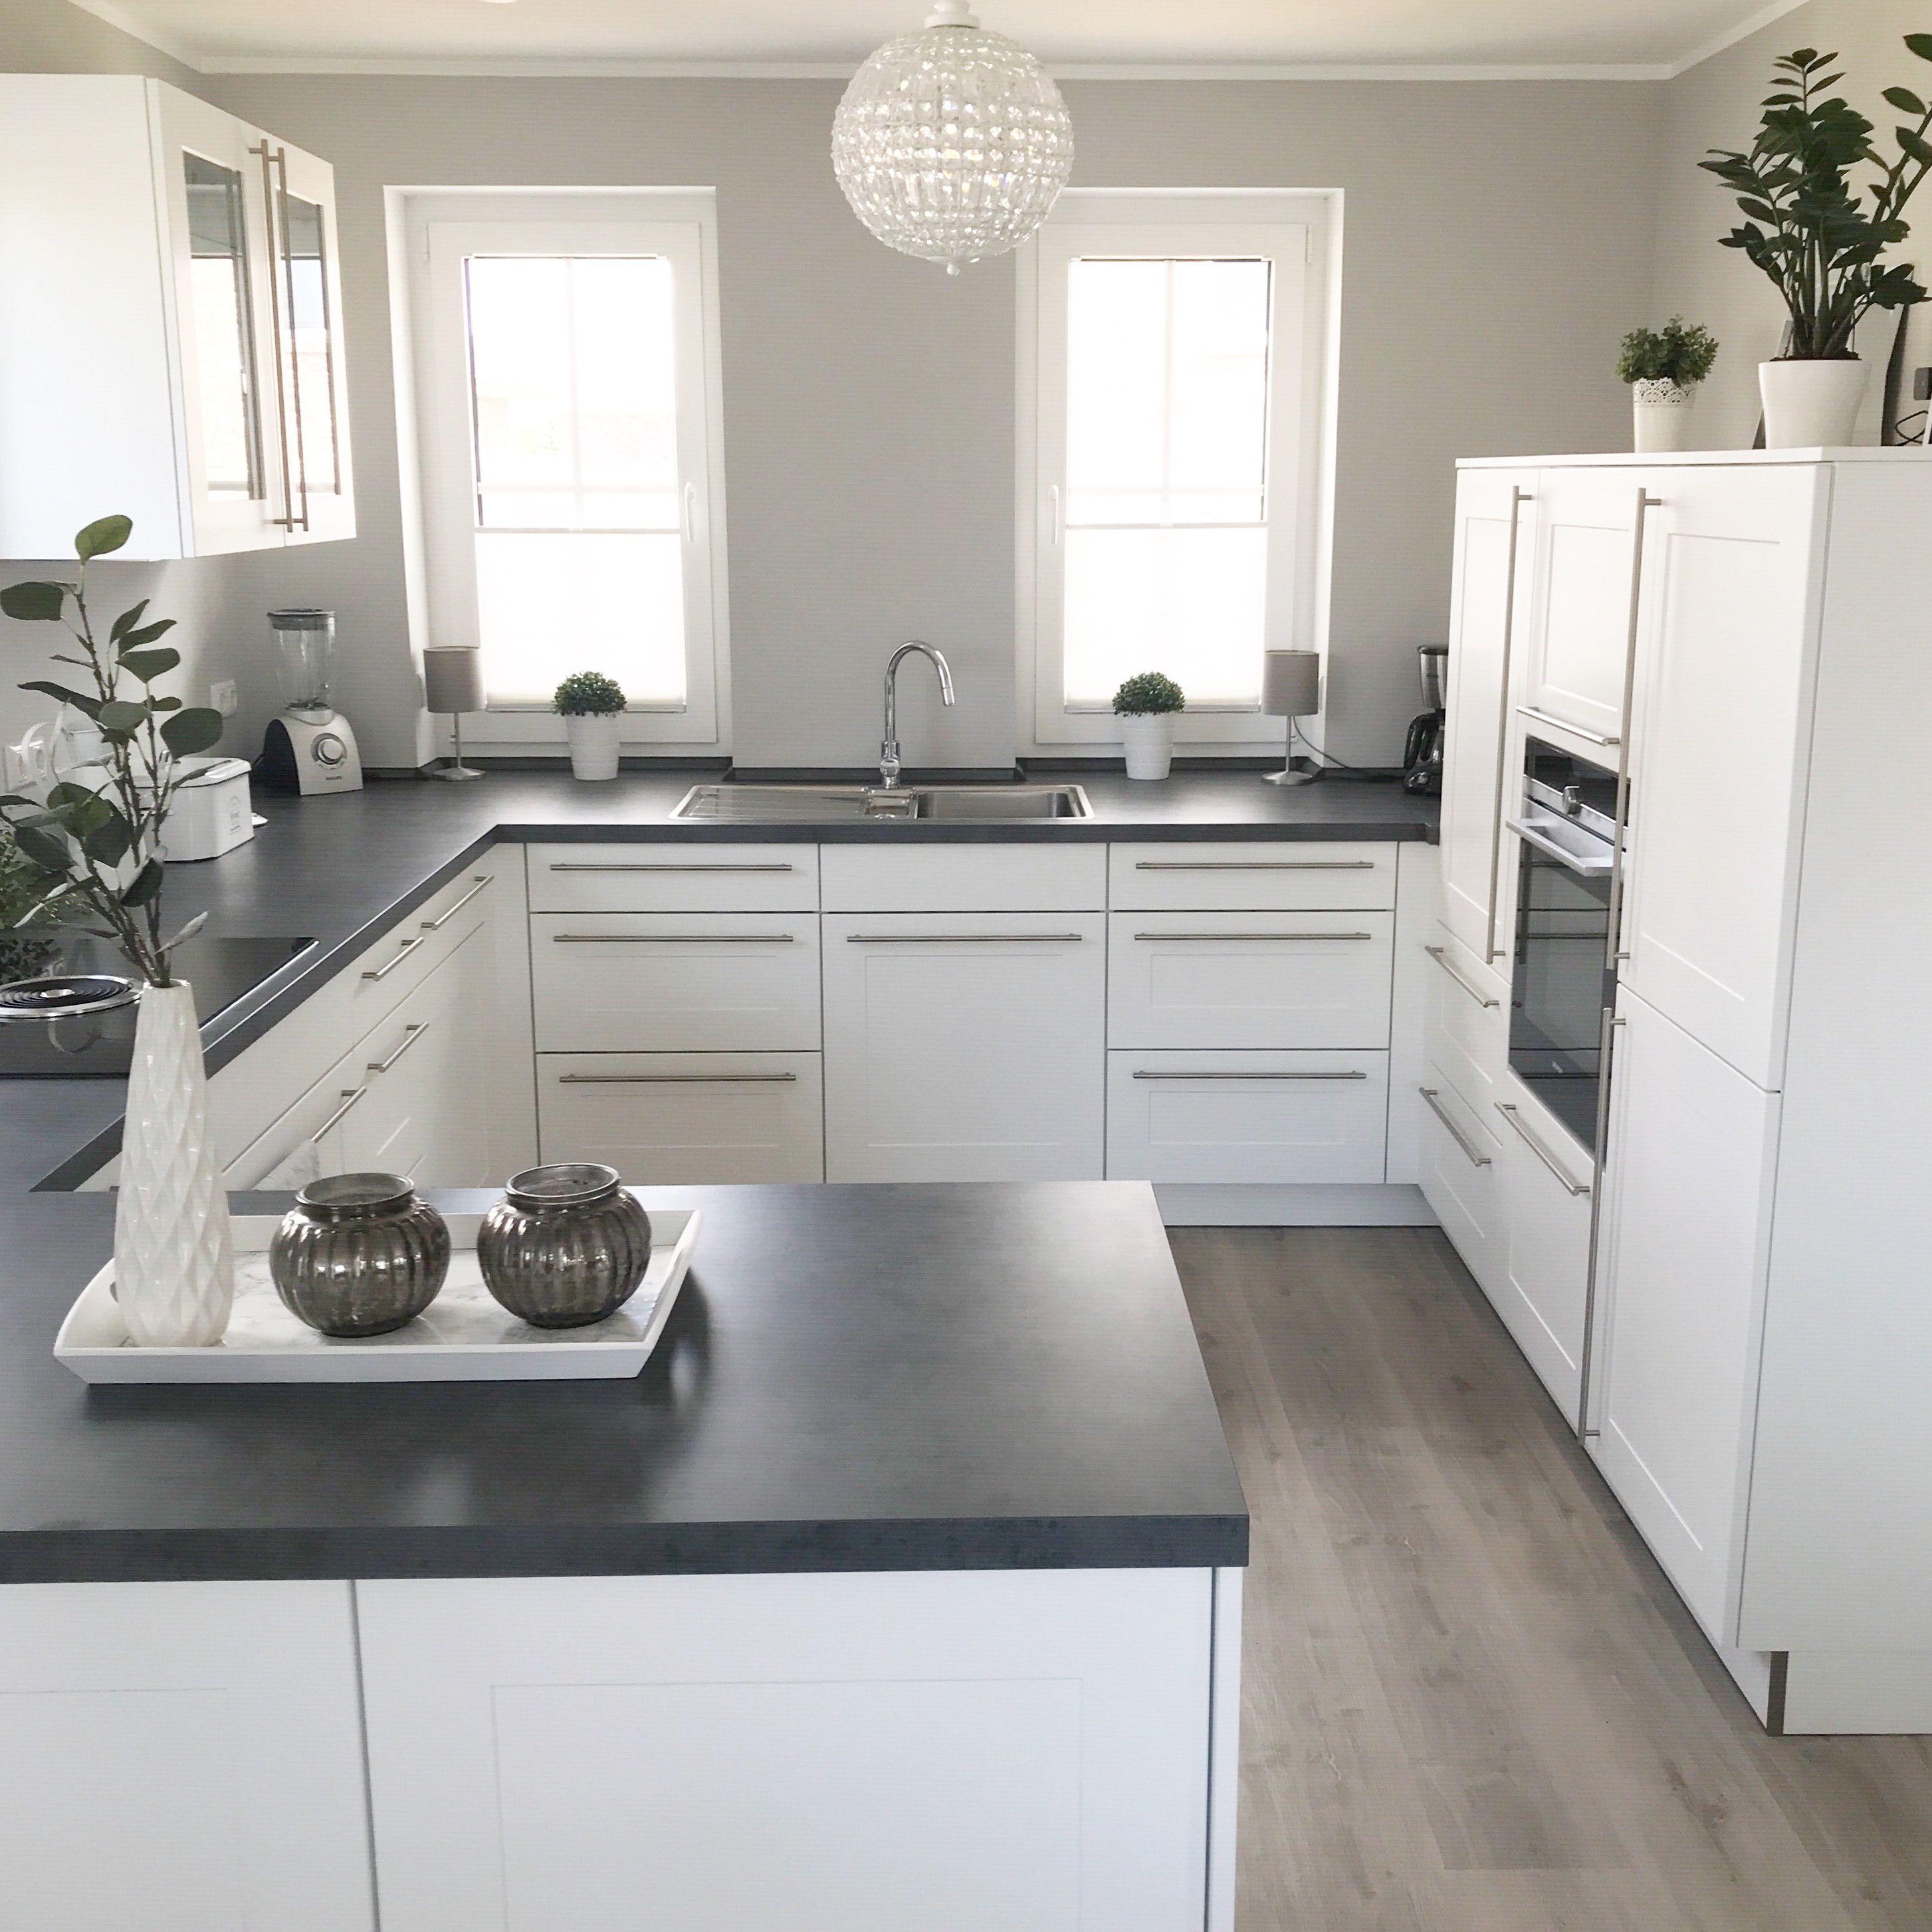 Photo of Instagram: wohn.emotion Landhaus Küche kitchen modern grau weiß grey white #k…